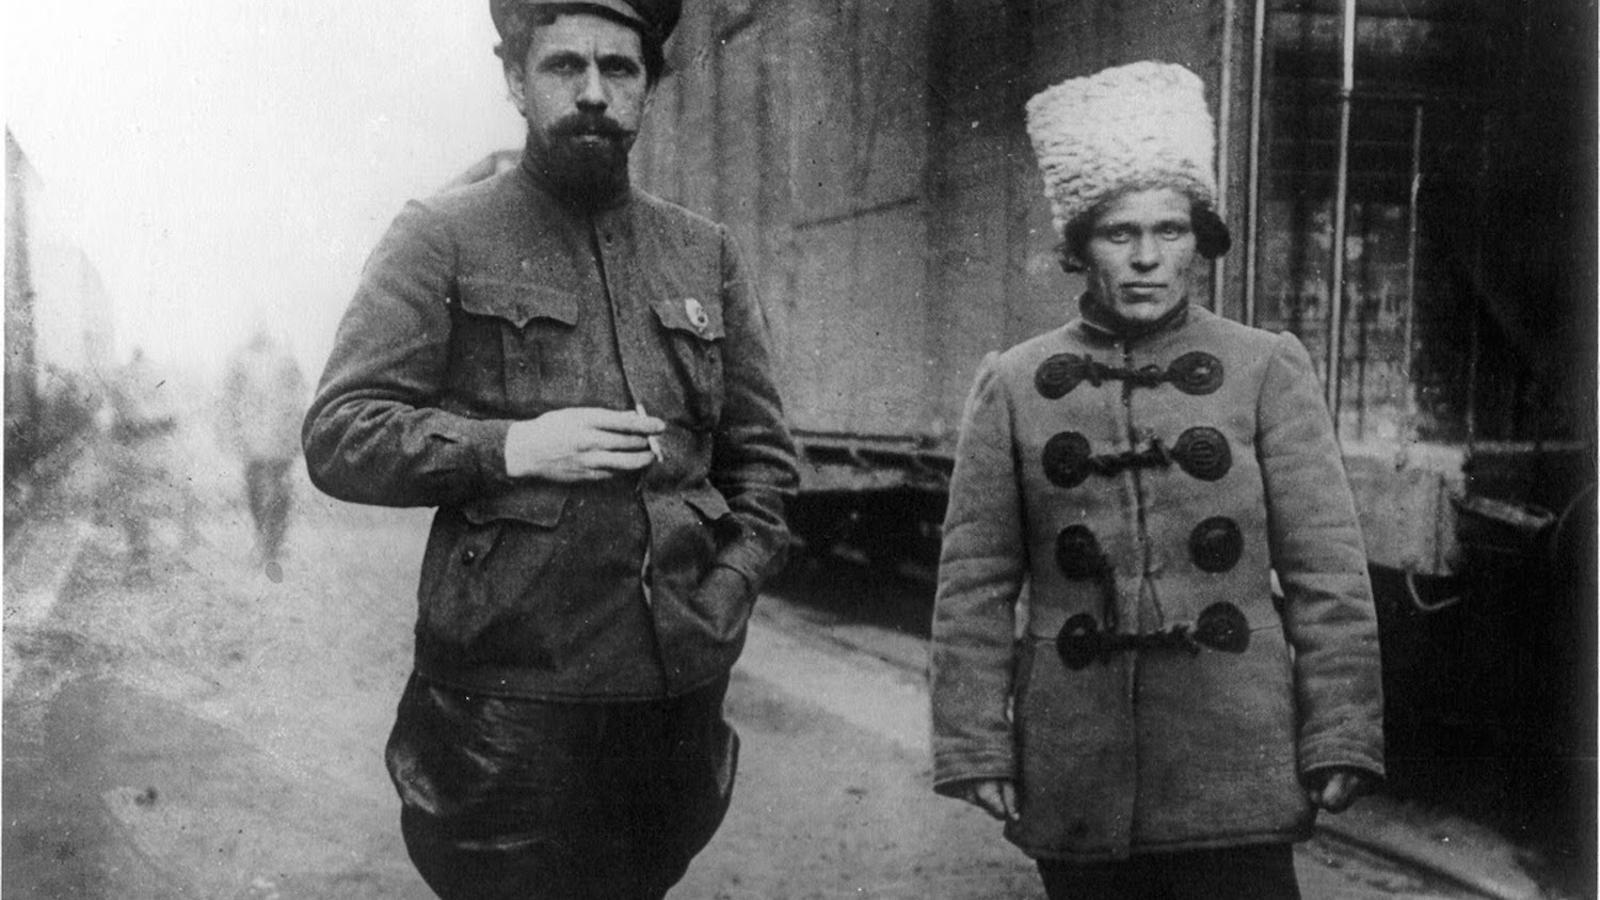 Imatge del 1918 del bolxevic Pavel Dibenko i el líder anarquista Nèstor Makhnó, que va fundar una república llibertària a Ucraïna